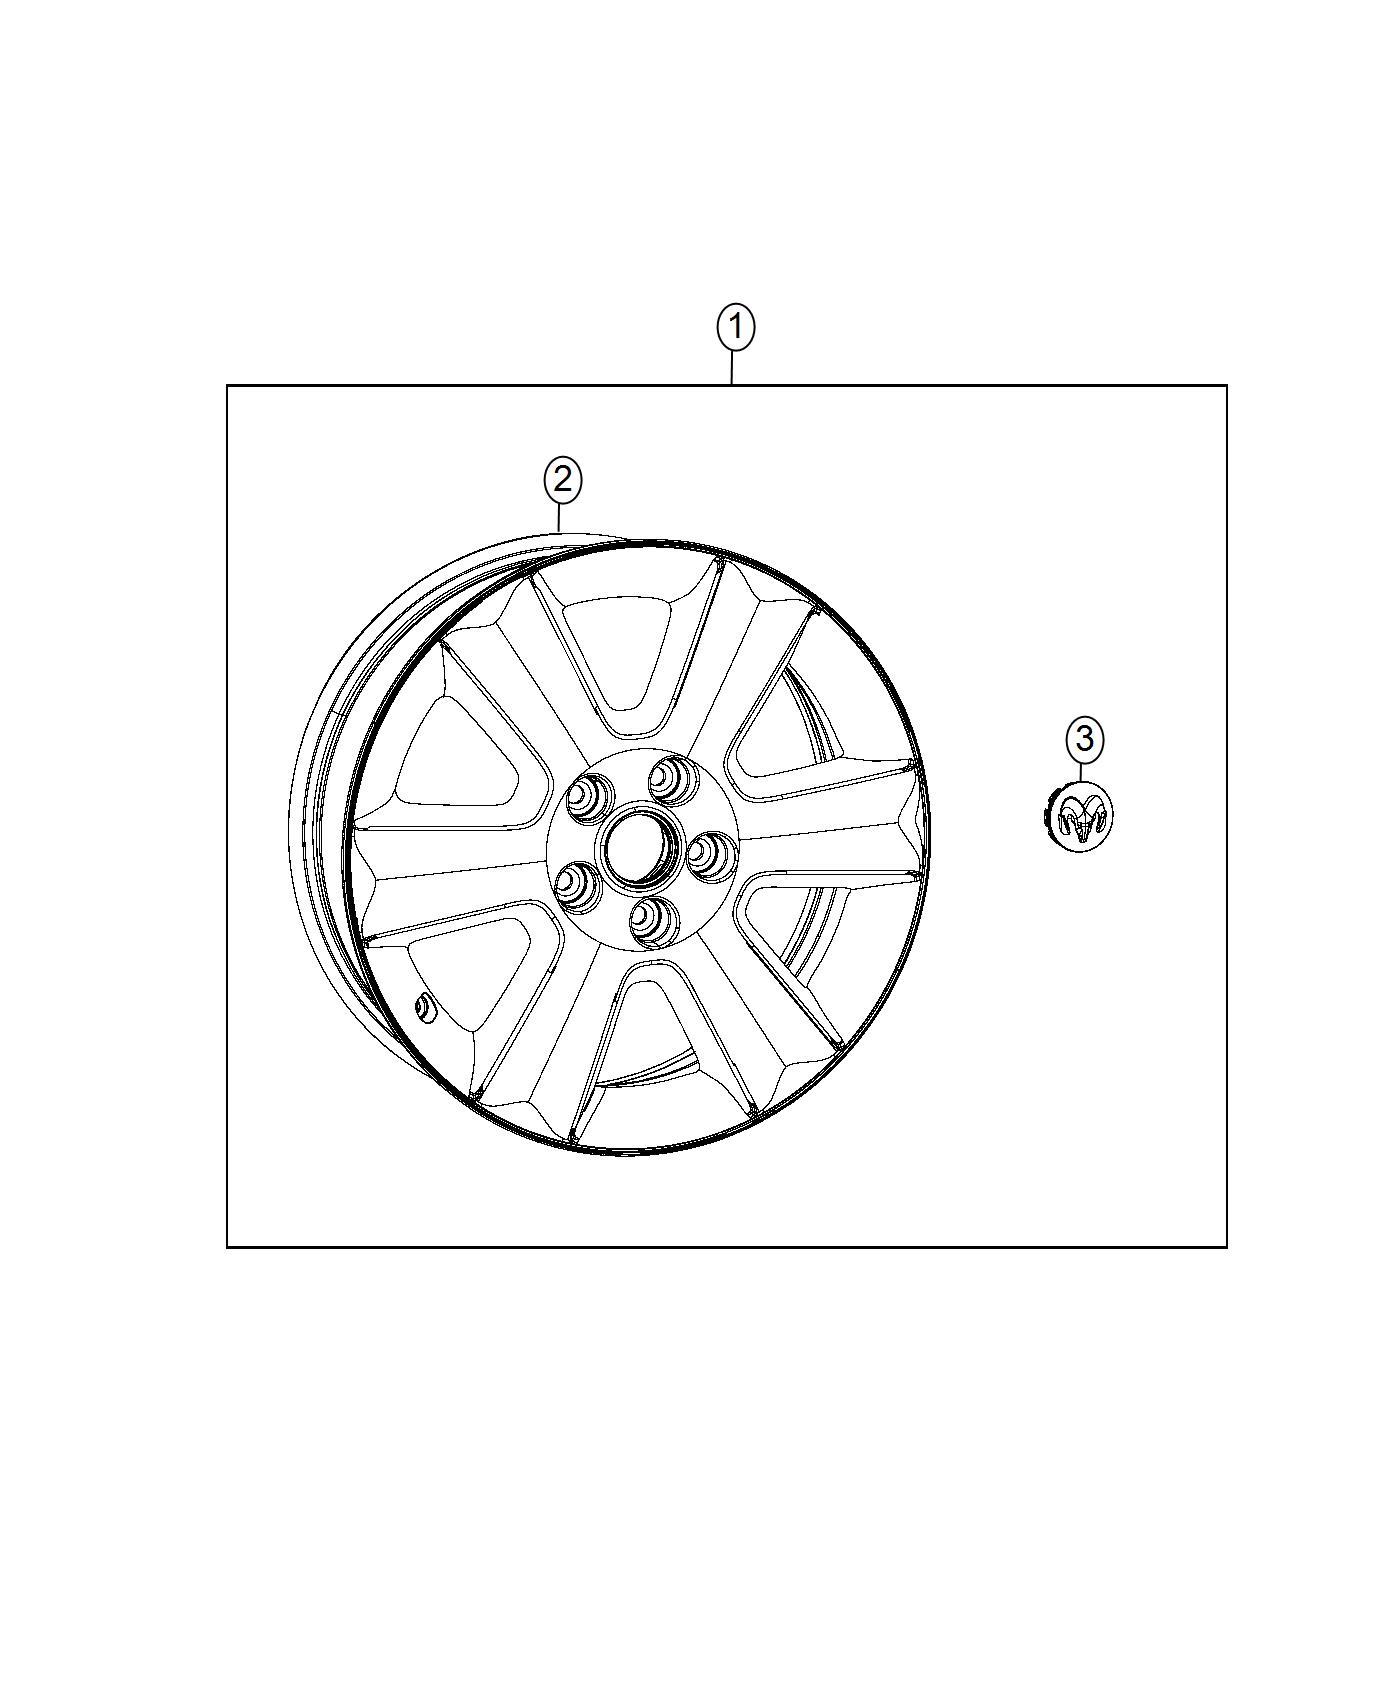 2016 dodge journey wheel  aluminum  front or rear  color   no description available